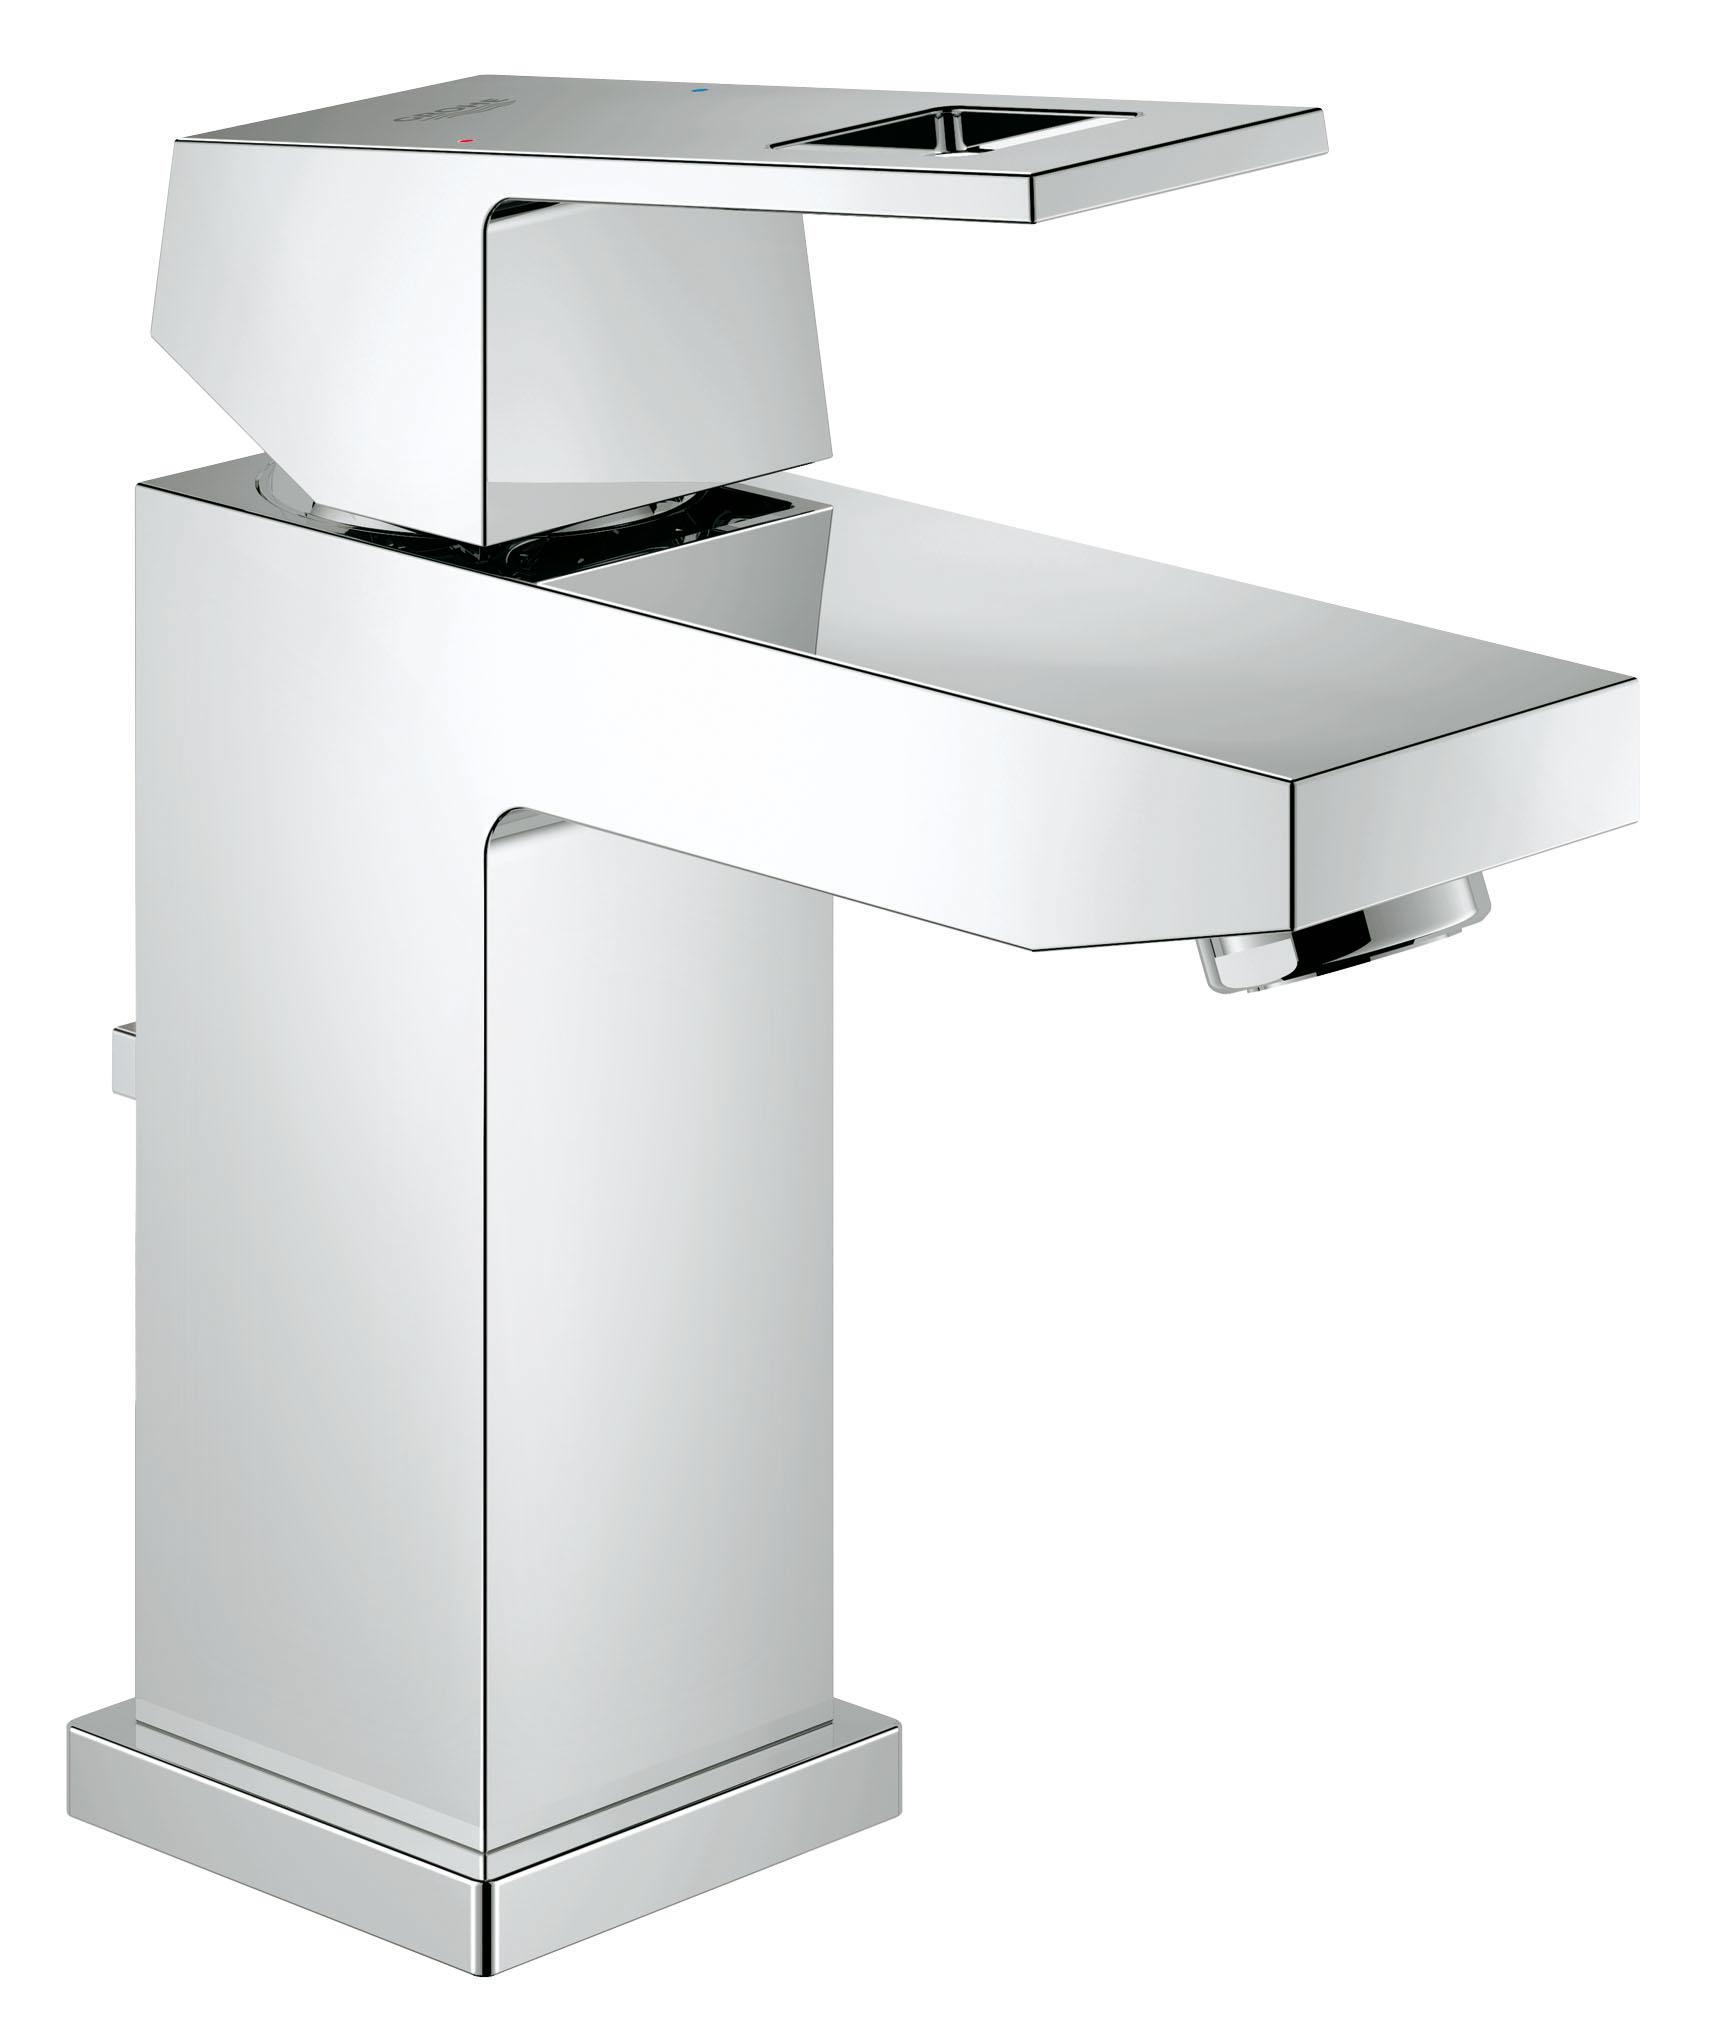 Смеситель для ванной комнаты с неповторимым дизайном Этот смеситель для раковины из коллекции Eurocube отличается ярко выраженным силуэтом, благодаря которому он станет эффектным дополнением к интерьеру Вашей ванной комнаты. Оригинальное дизайнерское решение с применением кубовидных форм сочетается в нем с разнообразием не менее привлекательных и полезных функциональных элементов. Этот однорычажный смеситель имеет оптимальную высоту для комфортной эксплуатации в комбинации со всеми стандартными раковинами. С помощью подъемного штока, встроенного в корпус смесителя сзади, можно легко открывать и закрывать сливной клапан. В конструкции рычага смесителя применяется технология GROHE SilkMove, благодаря которой он имеет чрезвычайно плавный ход и дает возможность с легкостью управлять температурой и напором воды. Система GROHE QuickFix Plus поможет осуществить монтаж смесителя быстро и легко. Благодаря износостойкому хромированному покрытию GROHE StarLight этот смеситель для раковины станет настоящим украшением интерьера Вашей ванной комнаты и сохранит свой потрясающий блеск на долгие годы. Особенности:   Монтаж на одно отверстие  Металлический рычаг  GROHE SilkMove керамический картридж 28 мм  GROHE StarLight хромированная поверхность   Аэратор  Сливной гарнитур 1 1/4?  Гибкая подводка  Монтажная система GROHE QuickFix™ Plus  Ограничитель температуры   Видео по установке является исключительно информационным. Установка должна проводиться профессионалами!